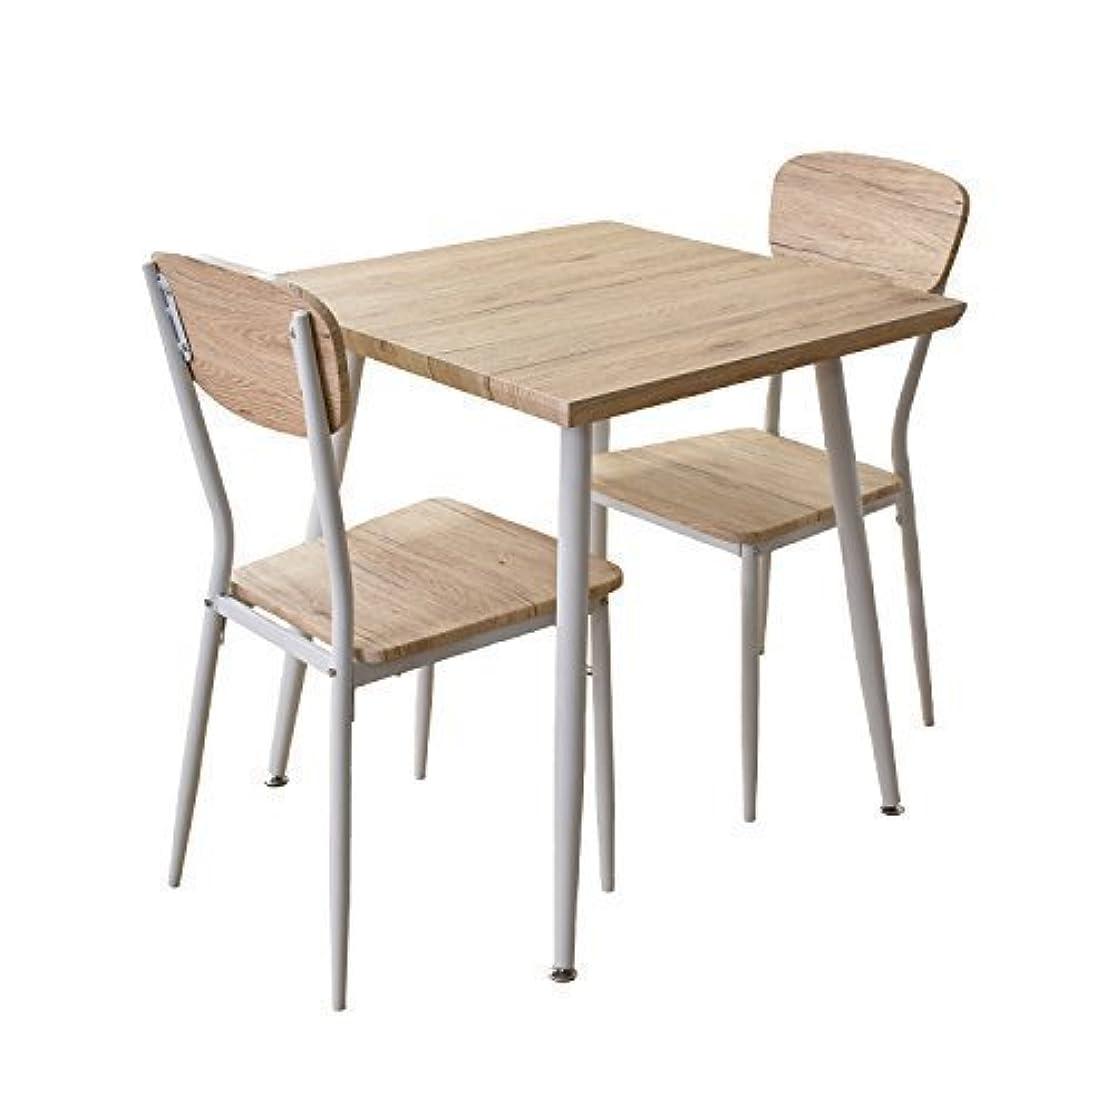 大通り記憶最も早いDORIS ダイニングテーブル 3点セット 幅70 テーブル&チェア 組立式 ナチュラル ウォーム